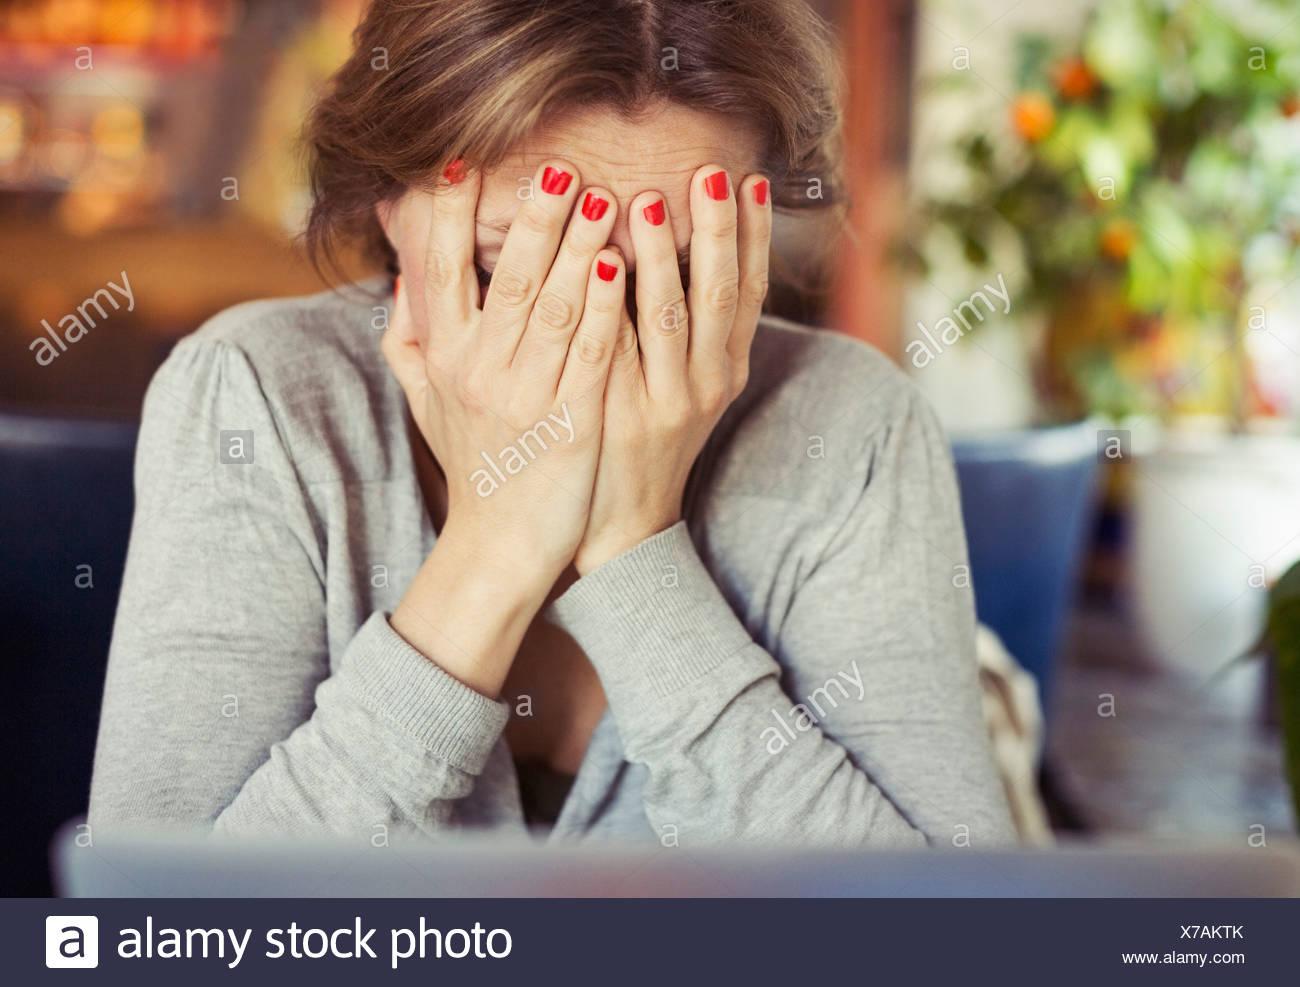 Triste giovane donna seduta con testa in mani a casa Immagini Stock